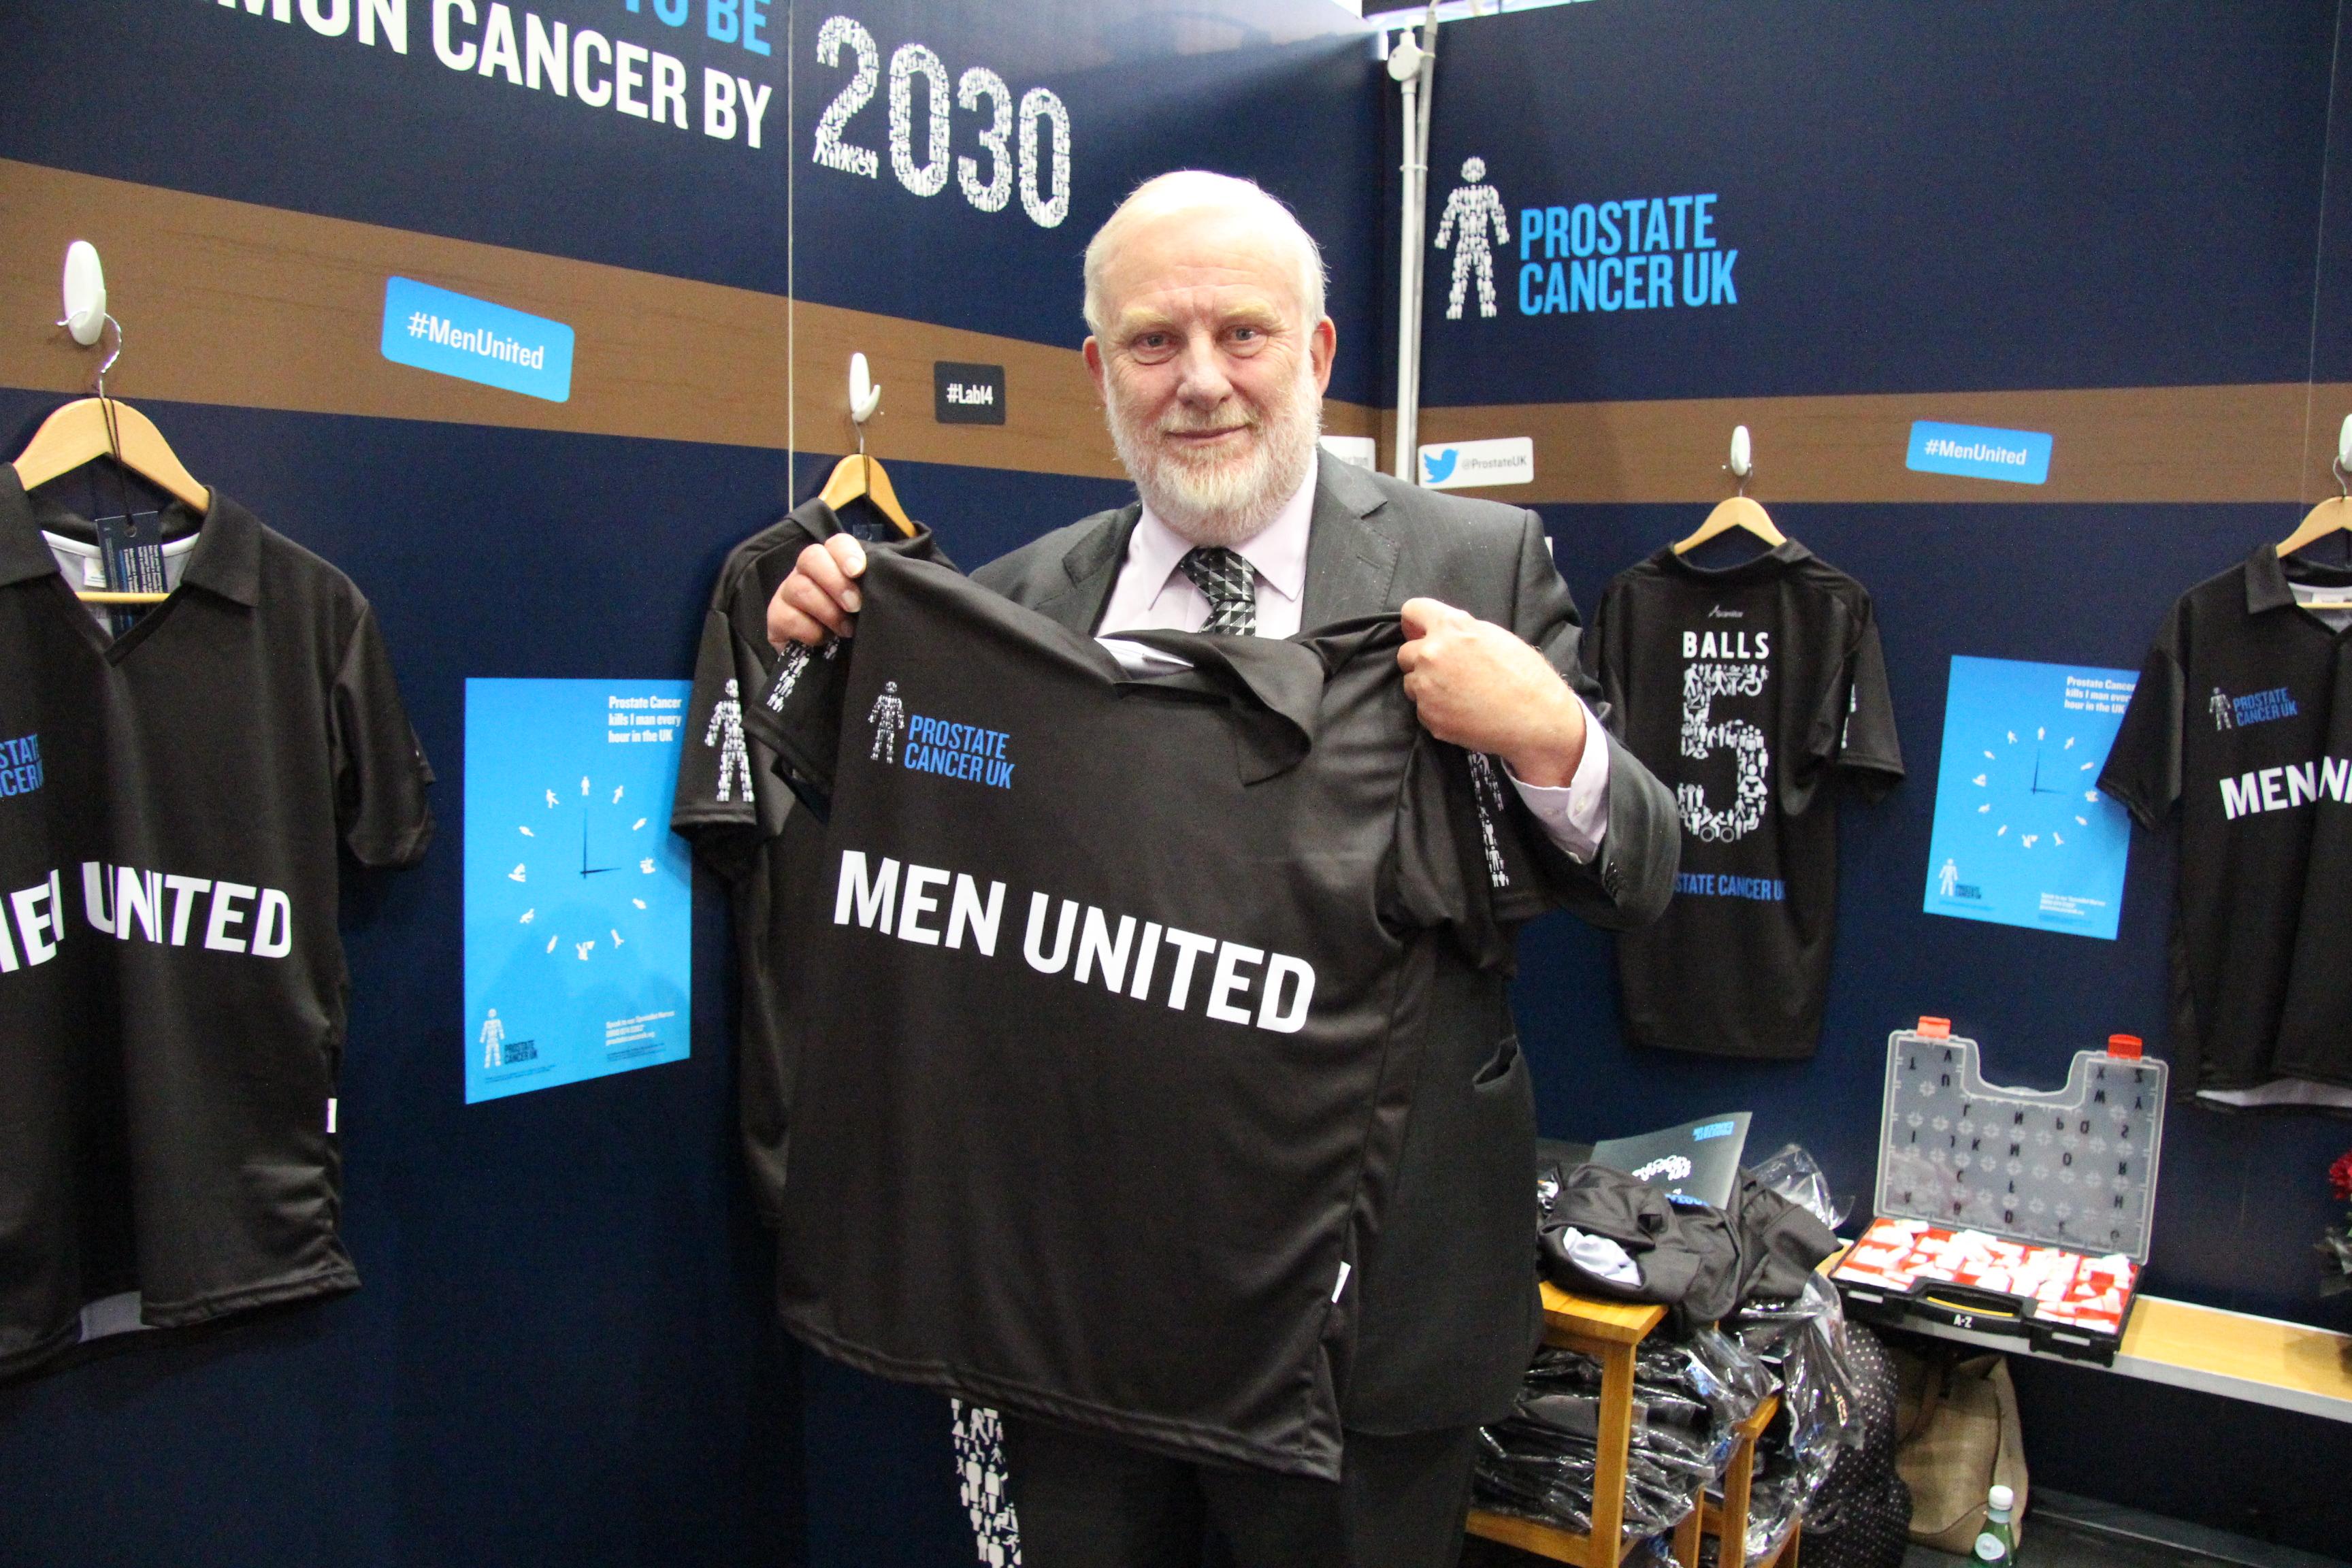 prostate_cancer.JPG